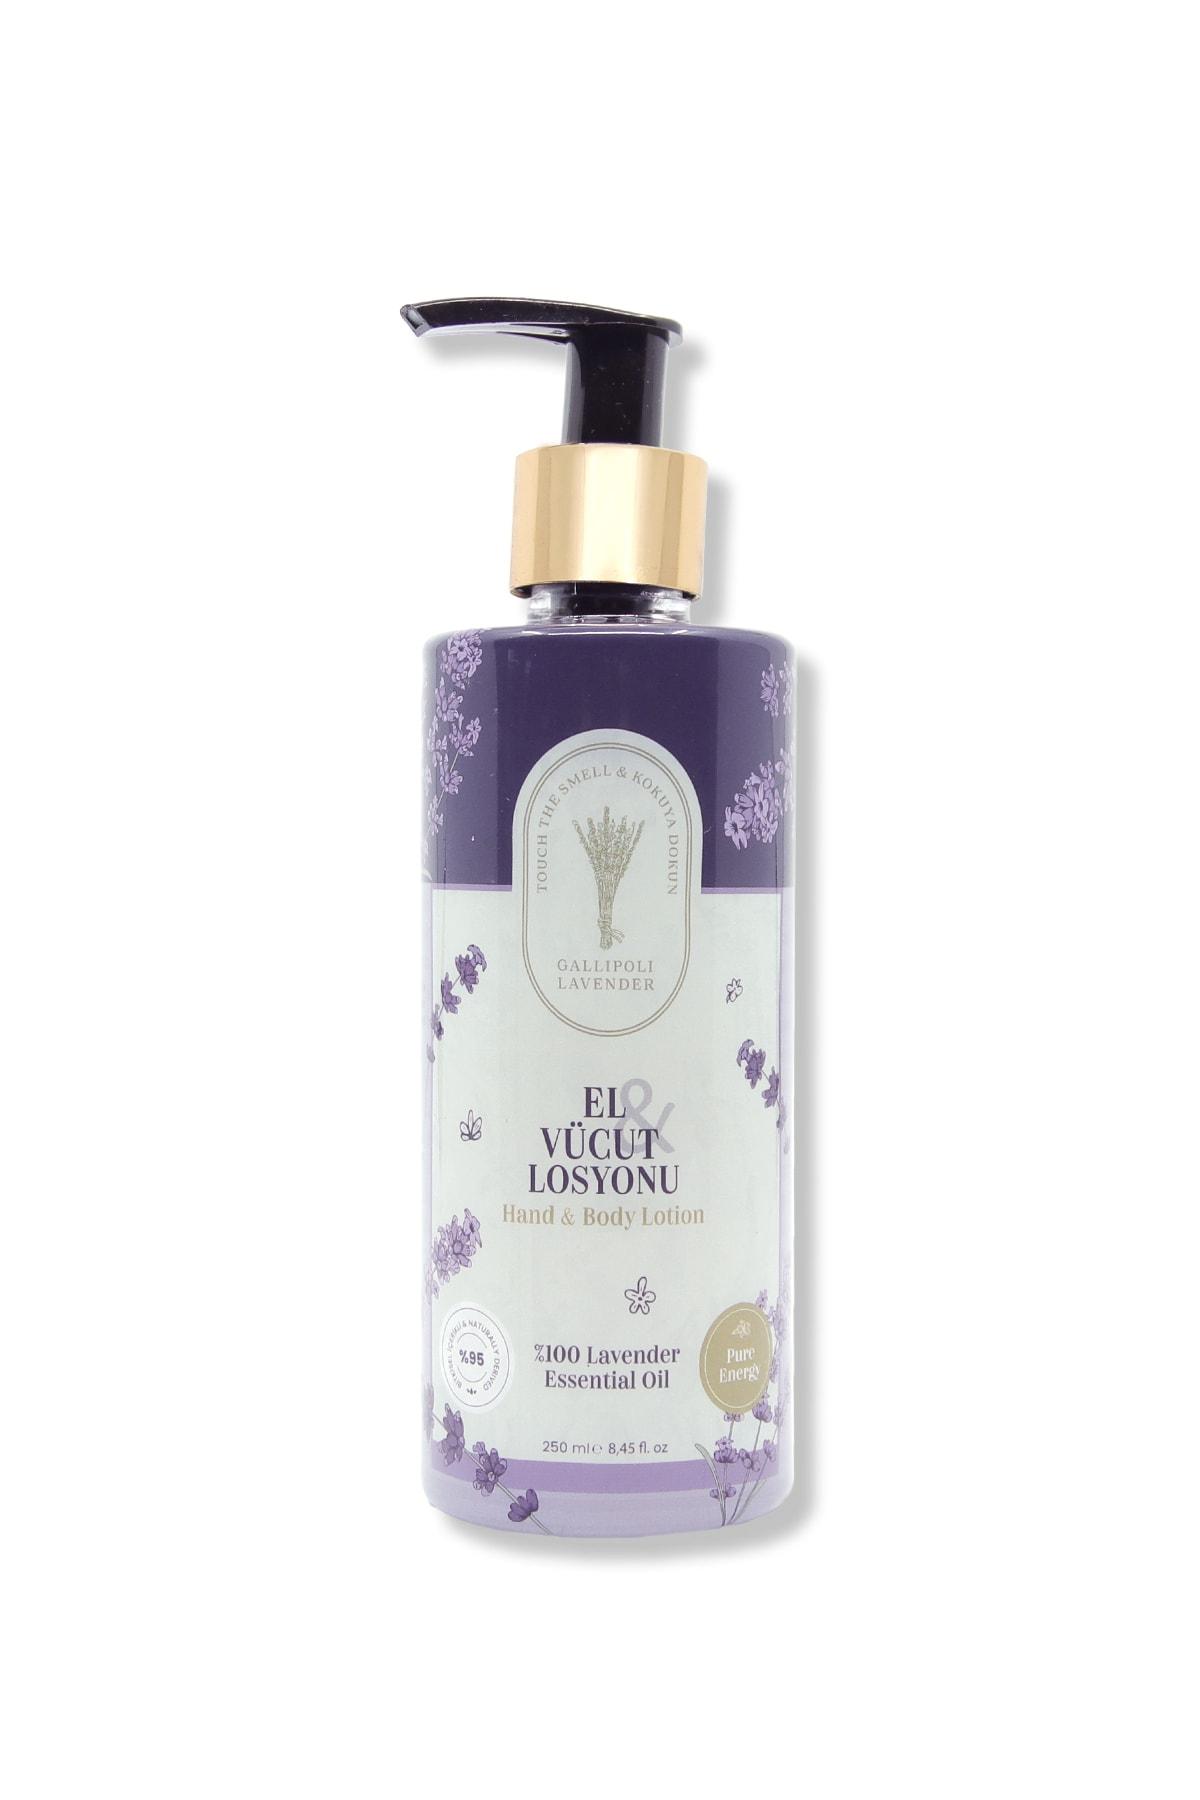 Gallipoli Lavender Lavanta Yağlı El Ve Vücut Losyonu 250 ml Nemlendirici Krem 1